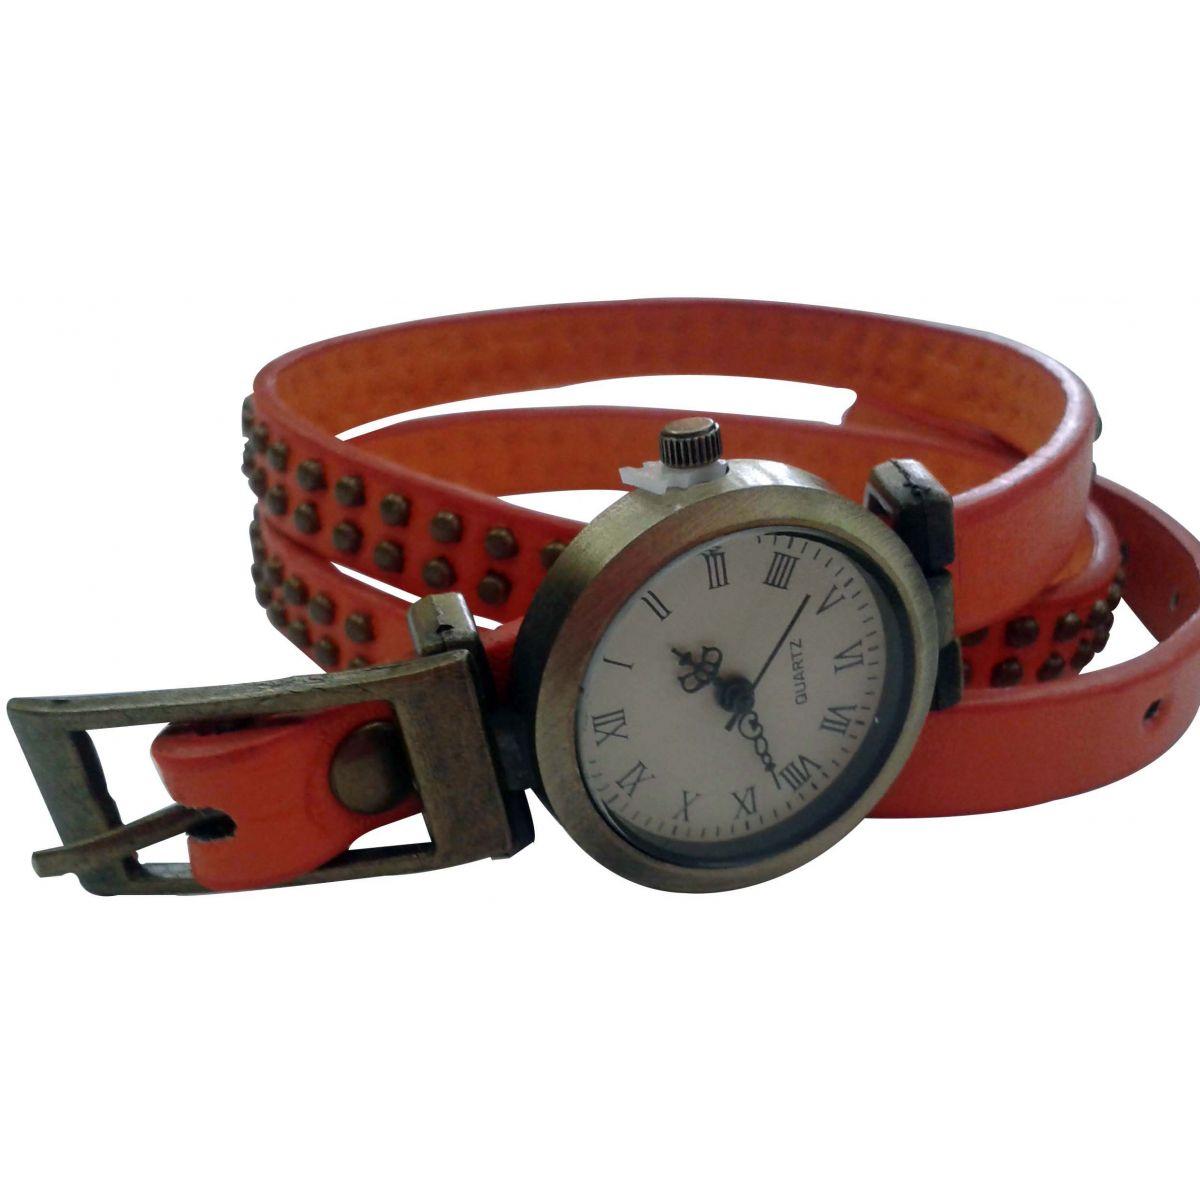 Relógio Feminino Pulseira Longa - Frete Grátis  - Thata Esportes